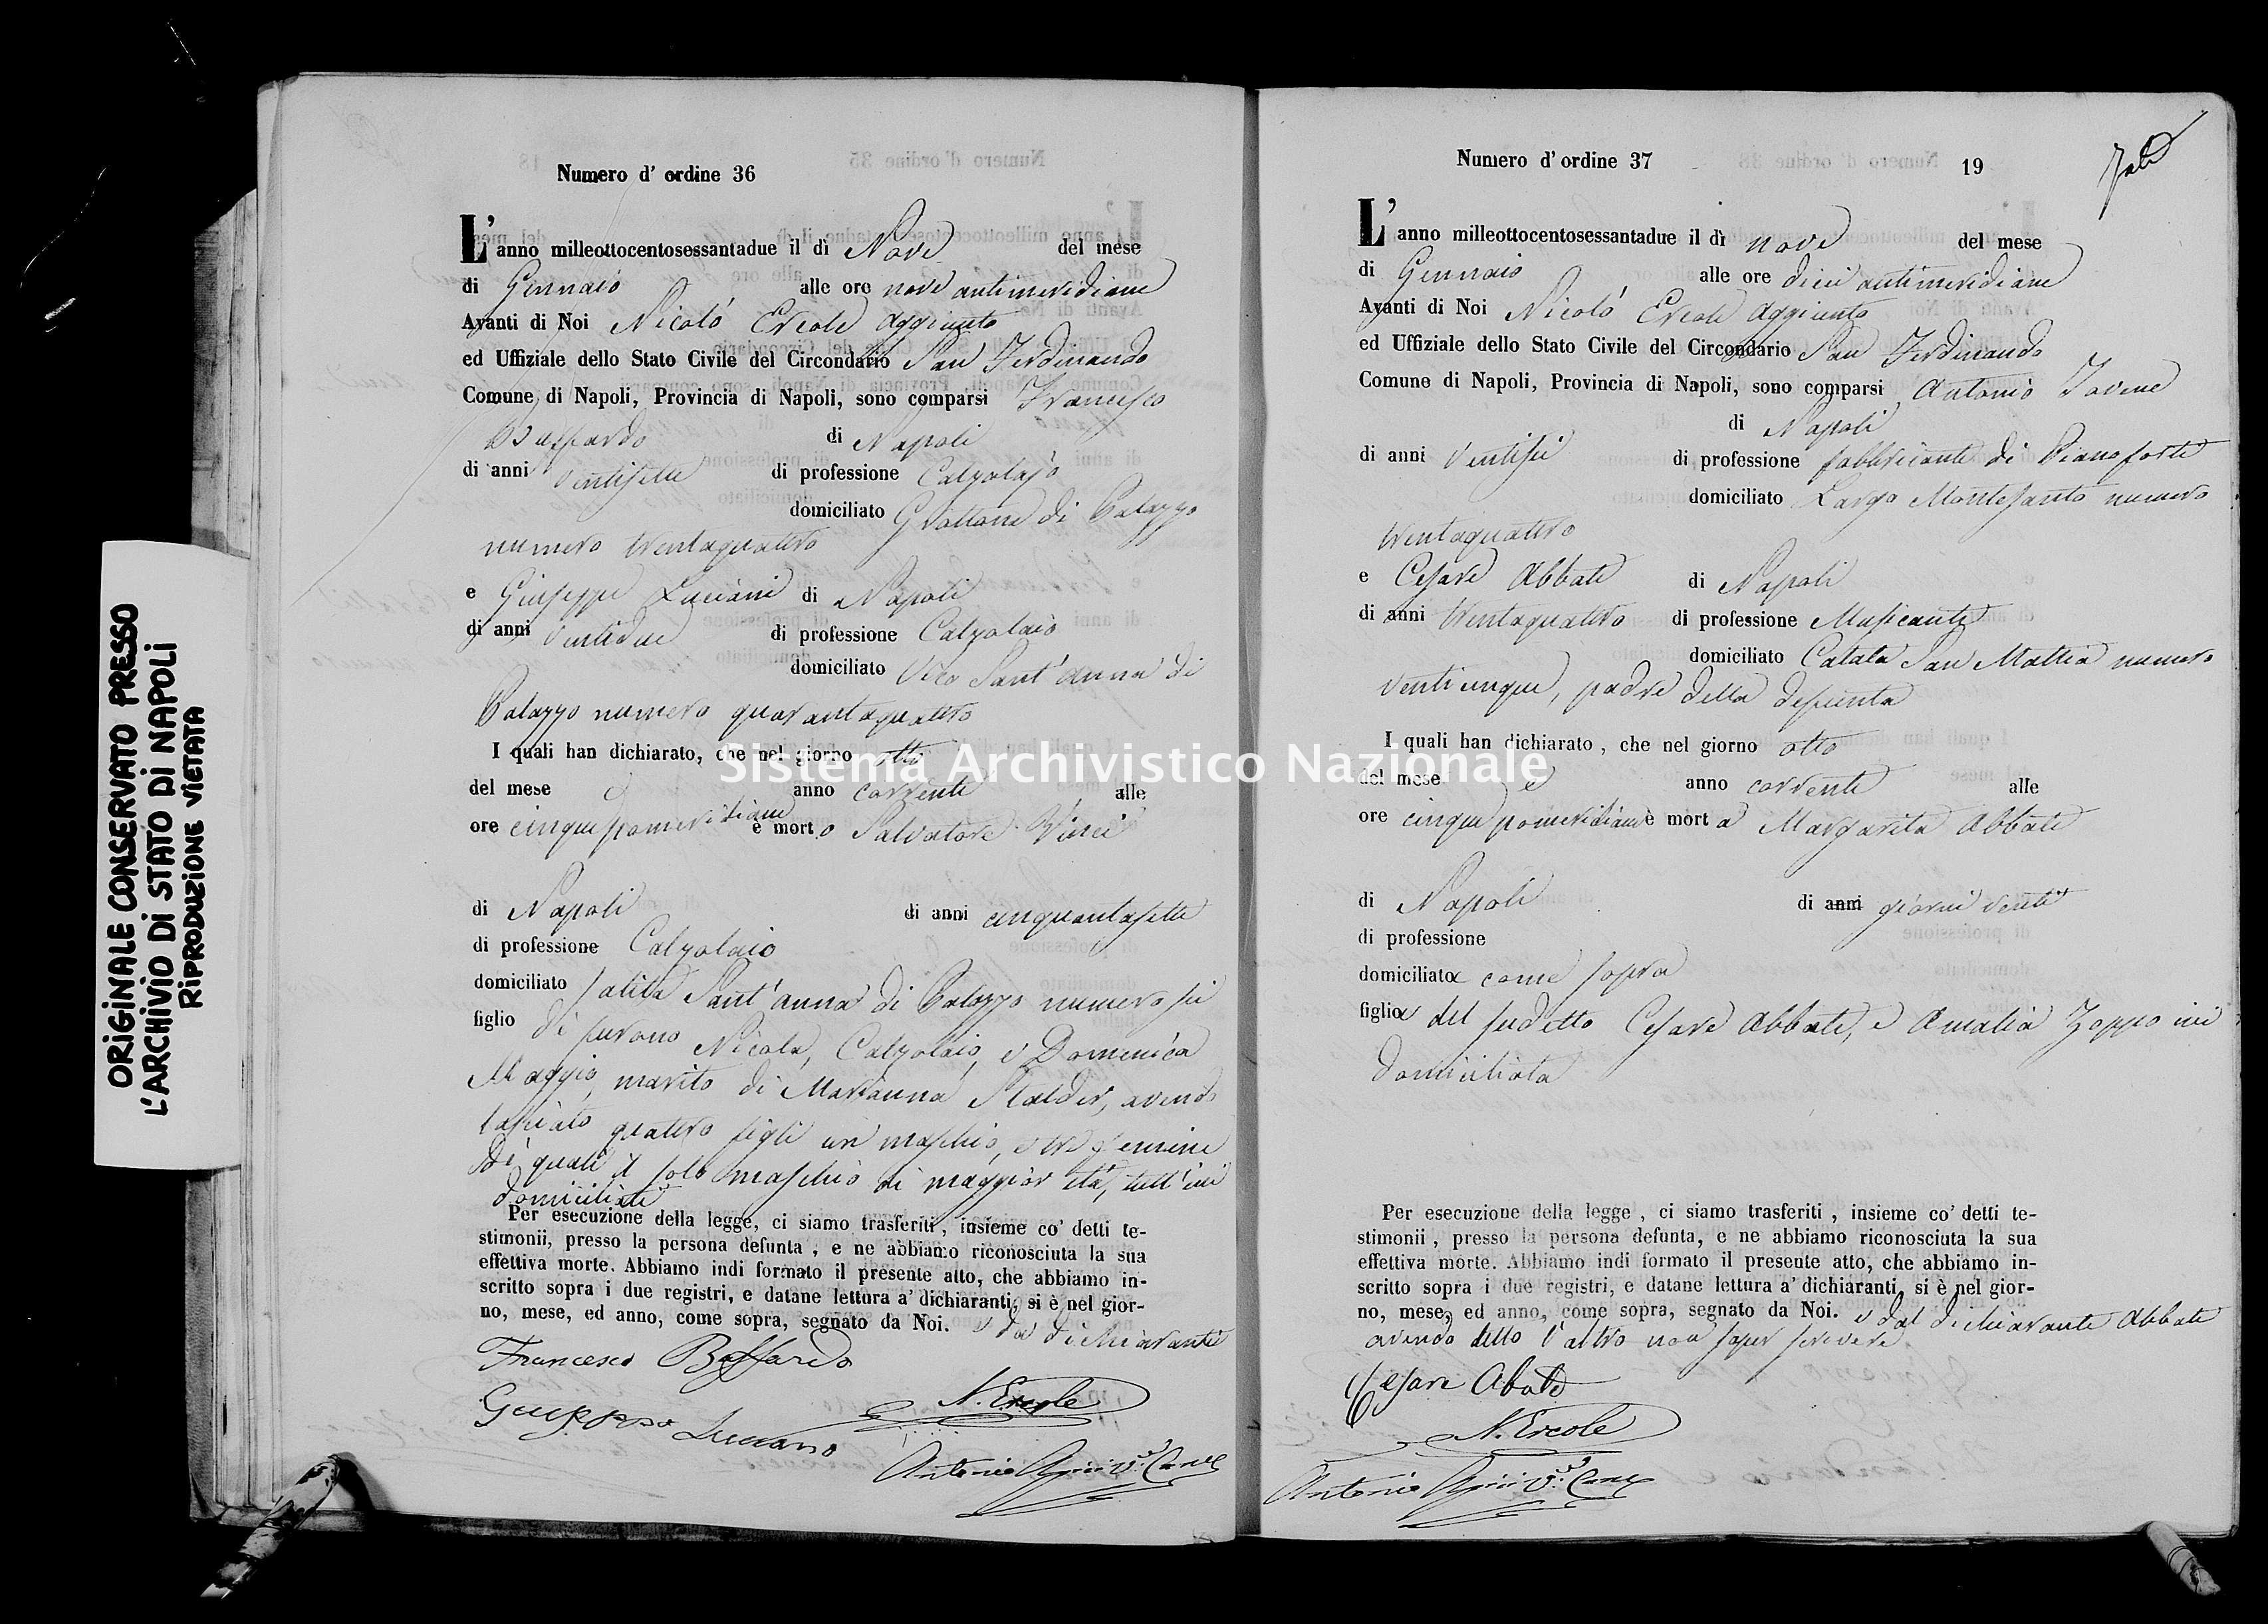 Archivio di stato di Napoli - Stato civile italiano - San Ferdinando - Morti - 01/01/1862-27/05/1862 -